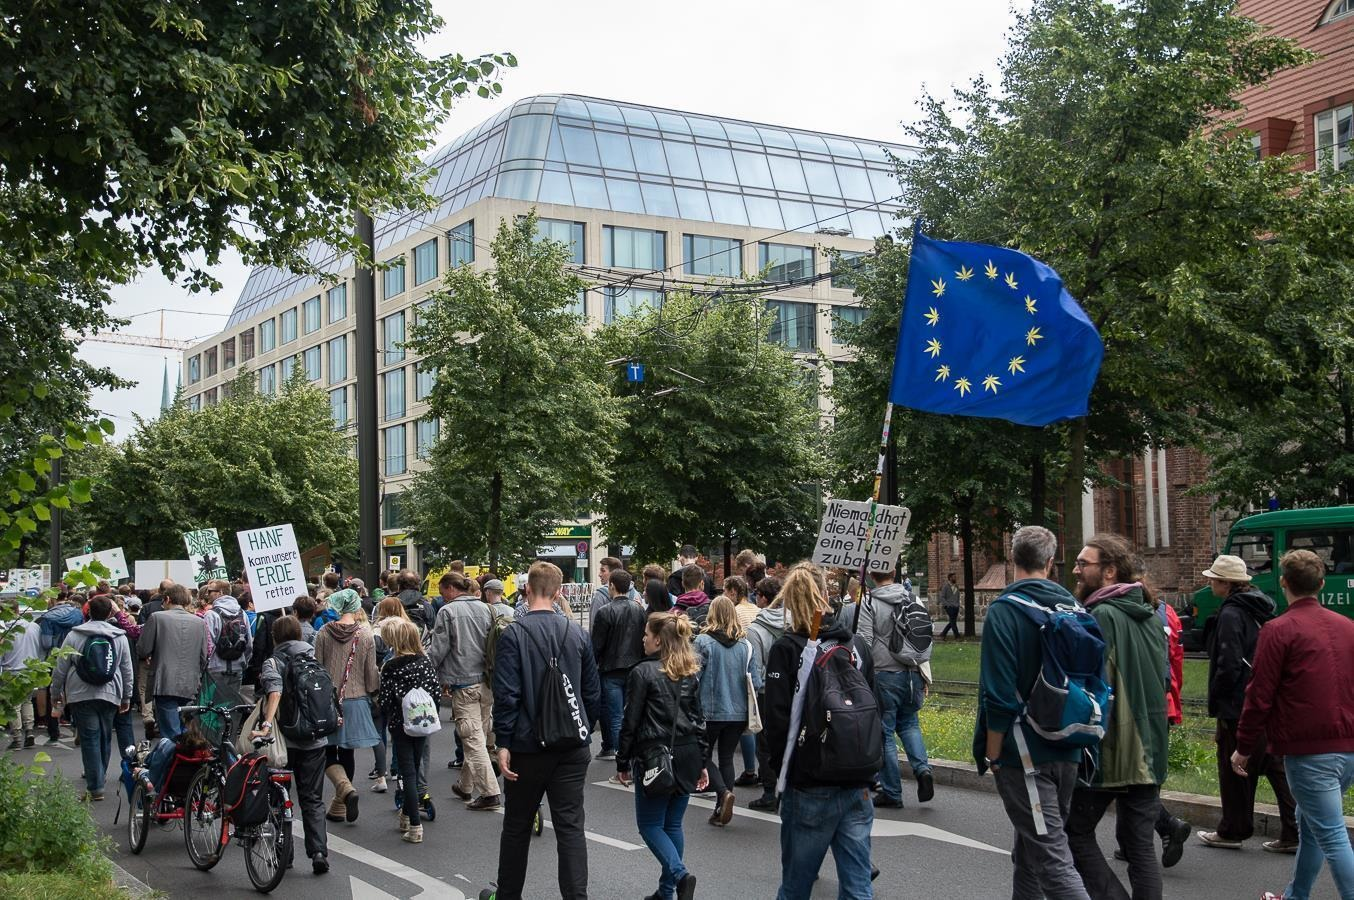 Стол травы и добрые полицейские. Зачем беларусы ездят на берлинский парад «за легалайз».